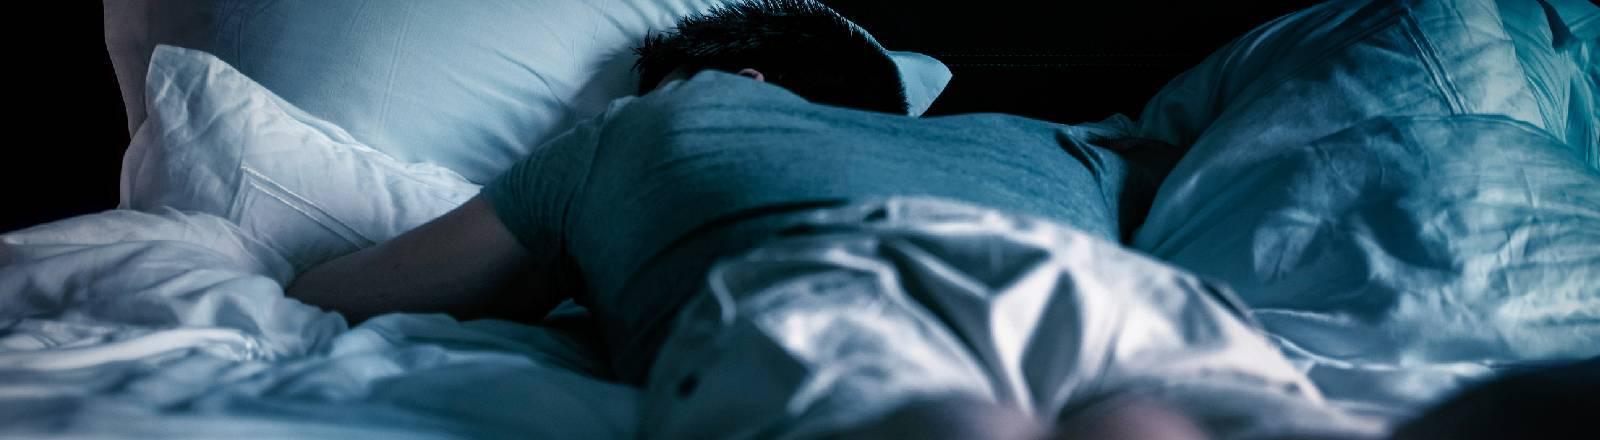 Ein Mann liegt in einem dunklen Zimmer auf einem Bett